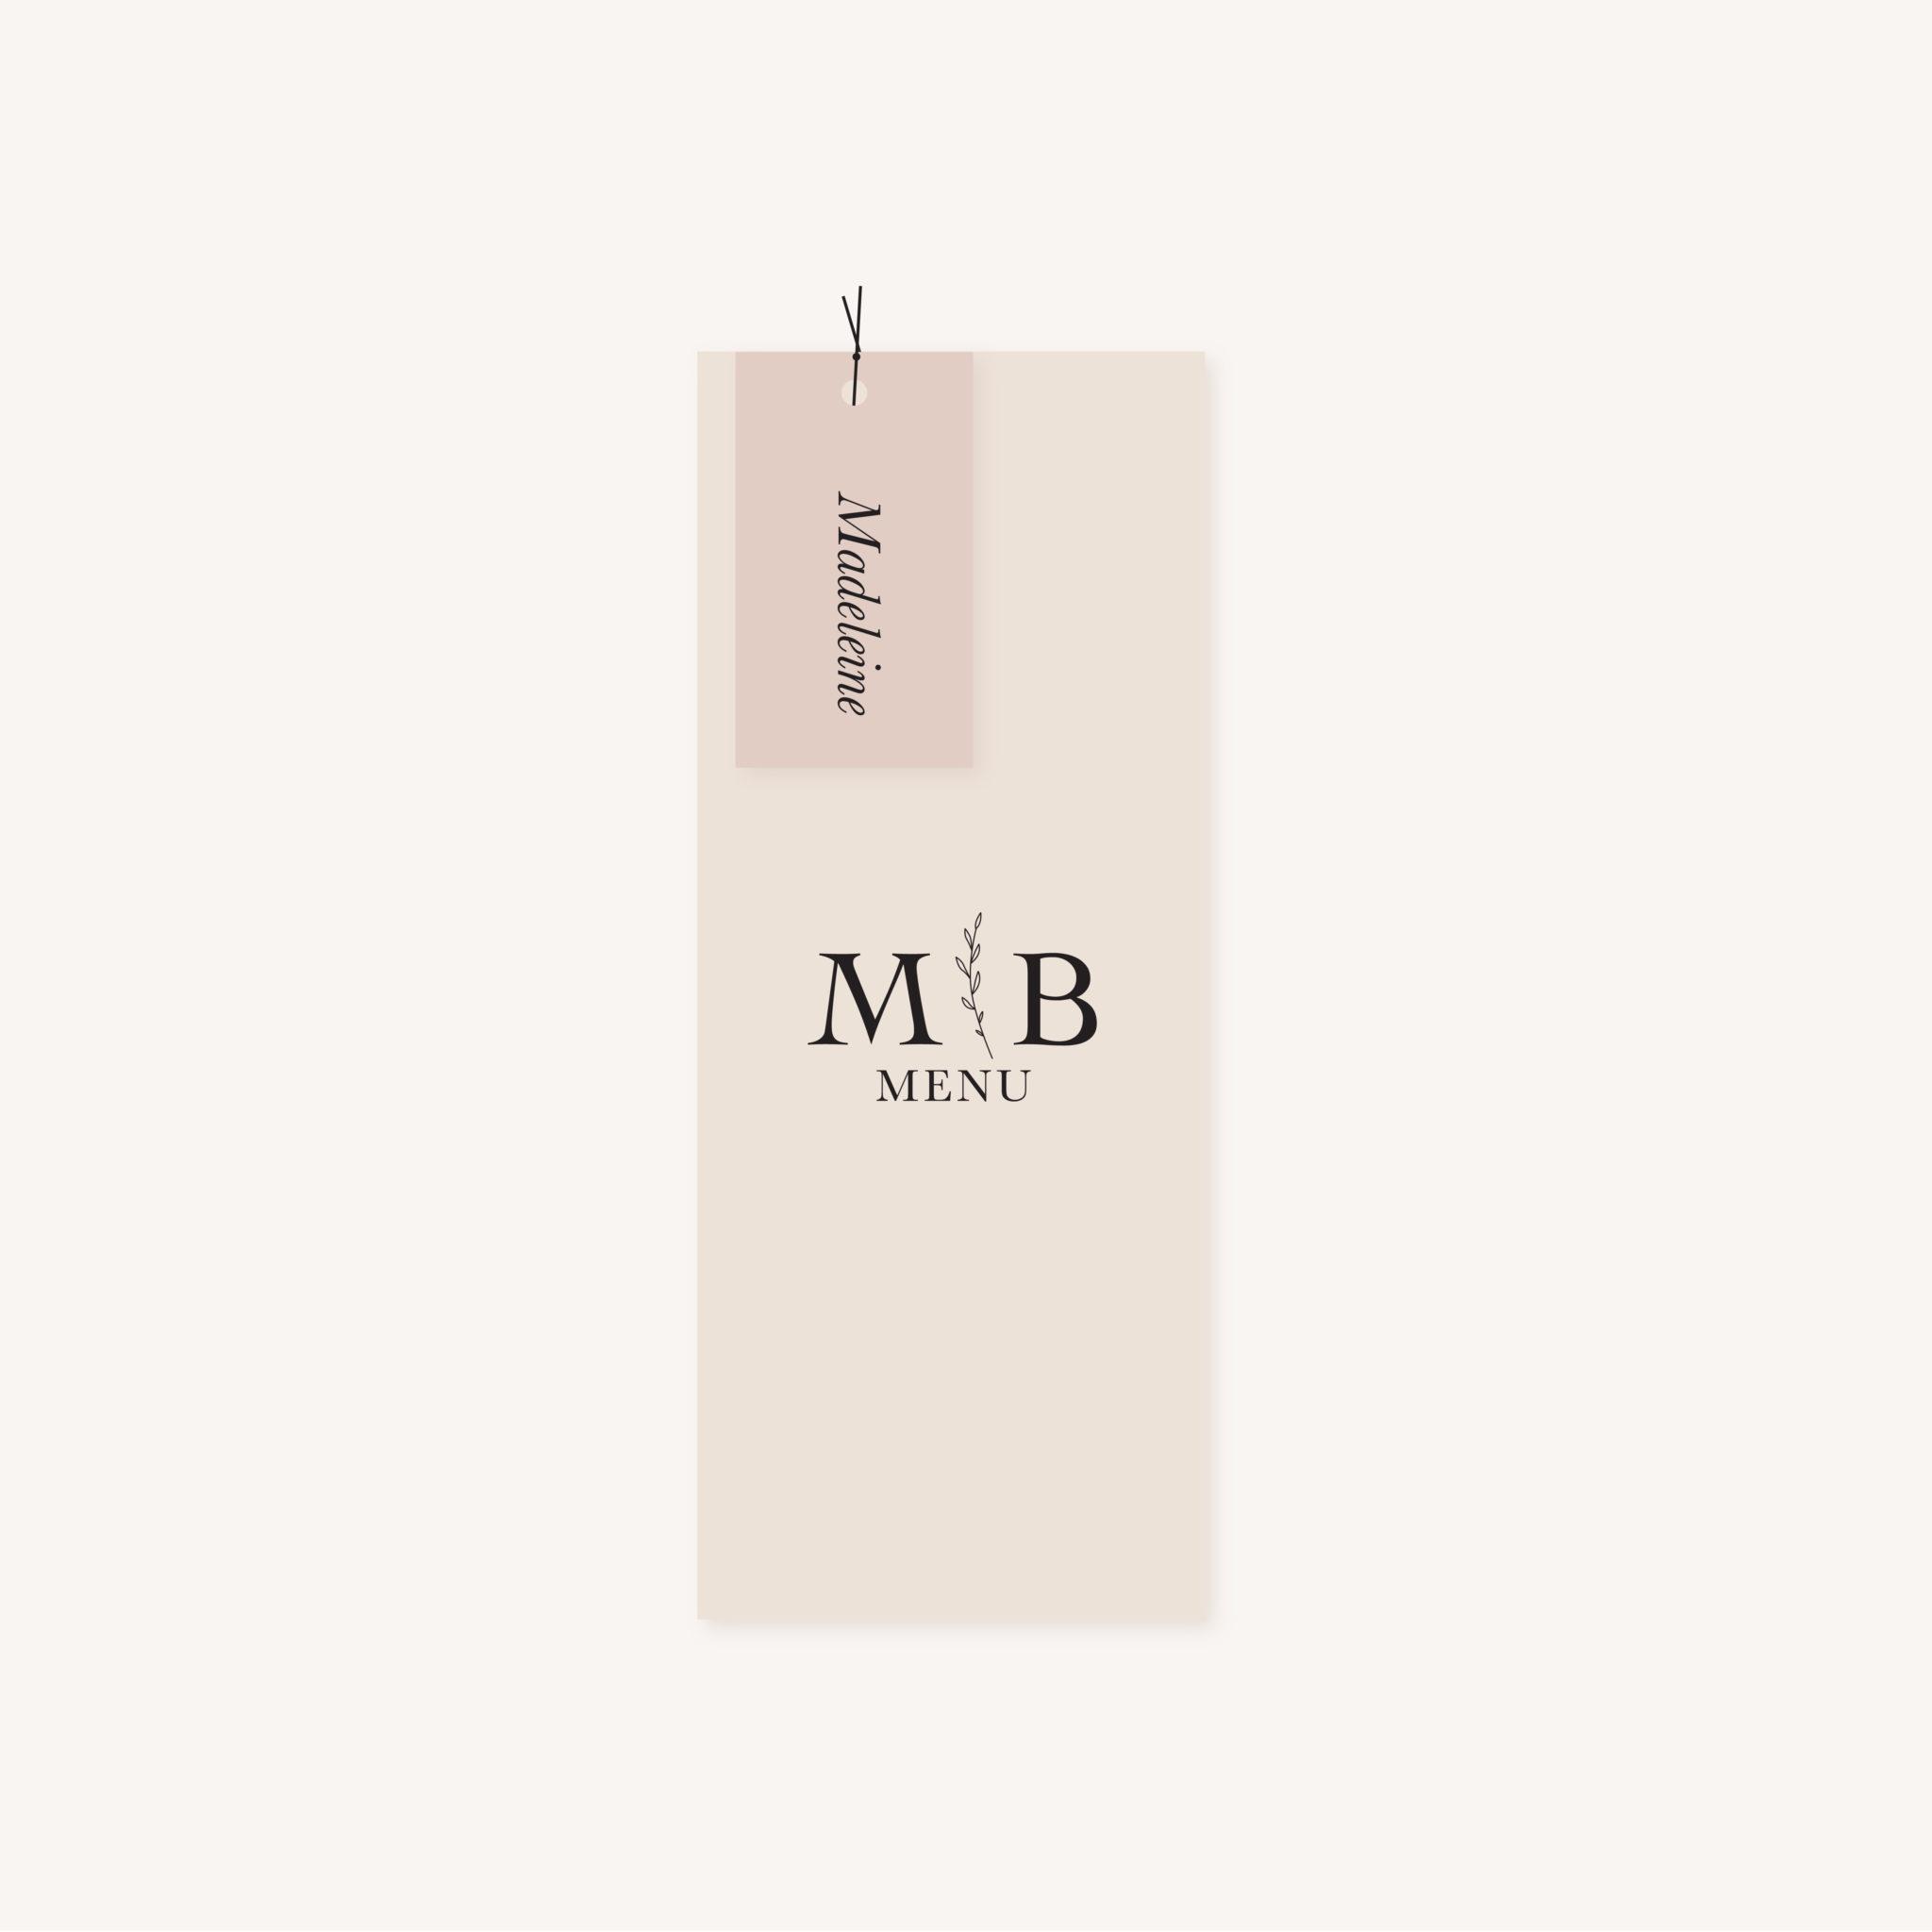 Étiquette nom mariage nude rose gris beige élégant sobre